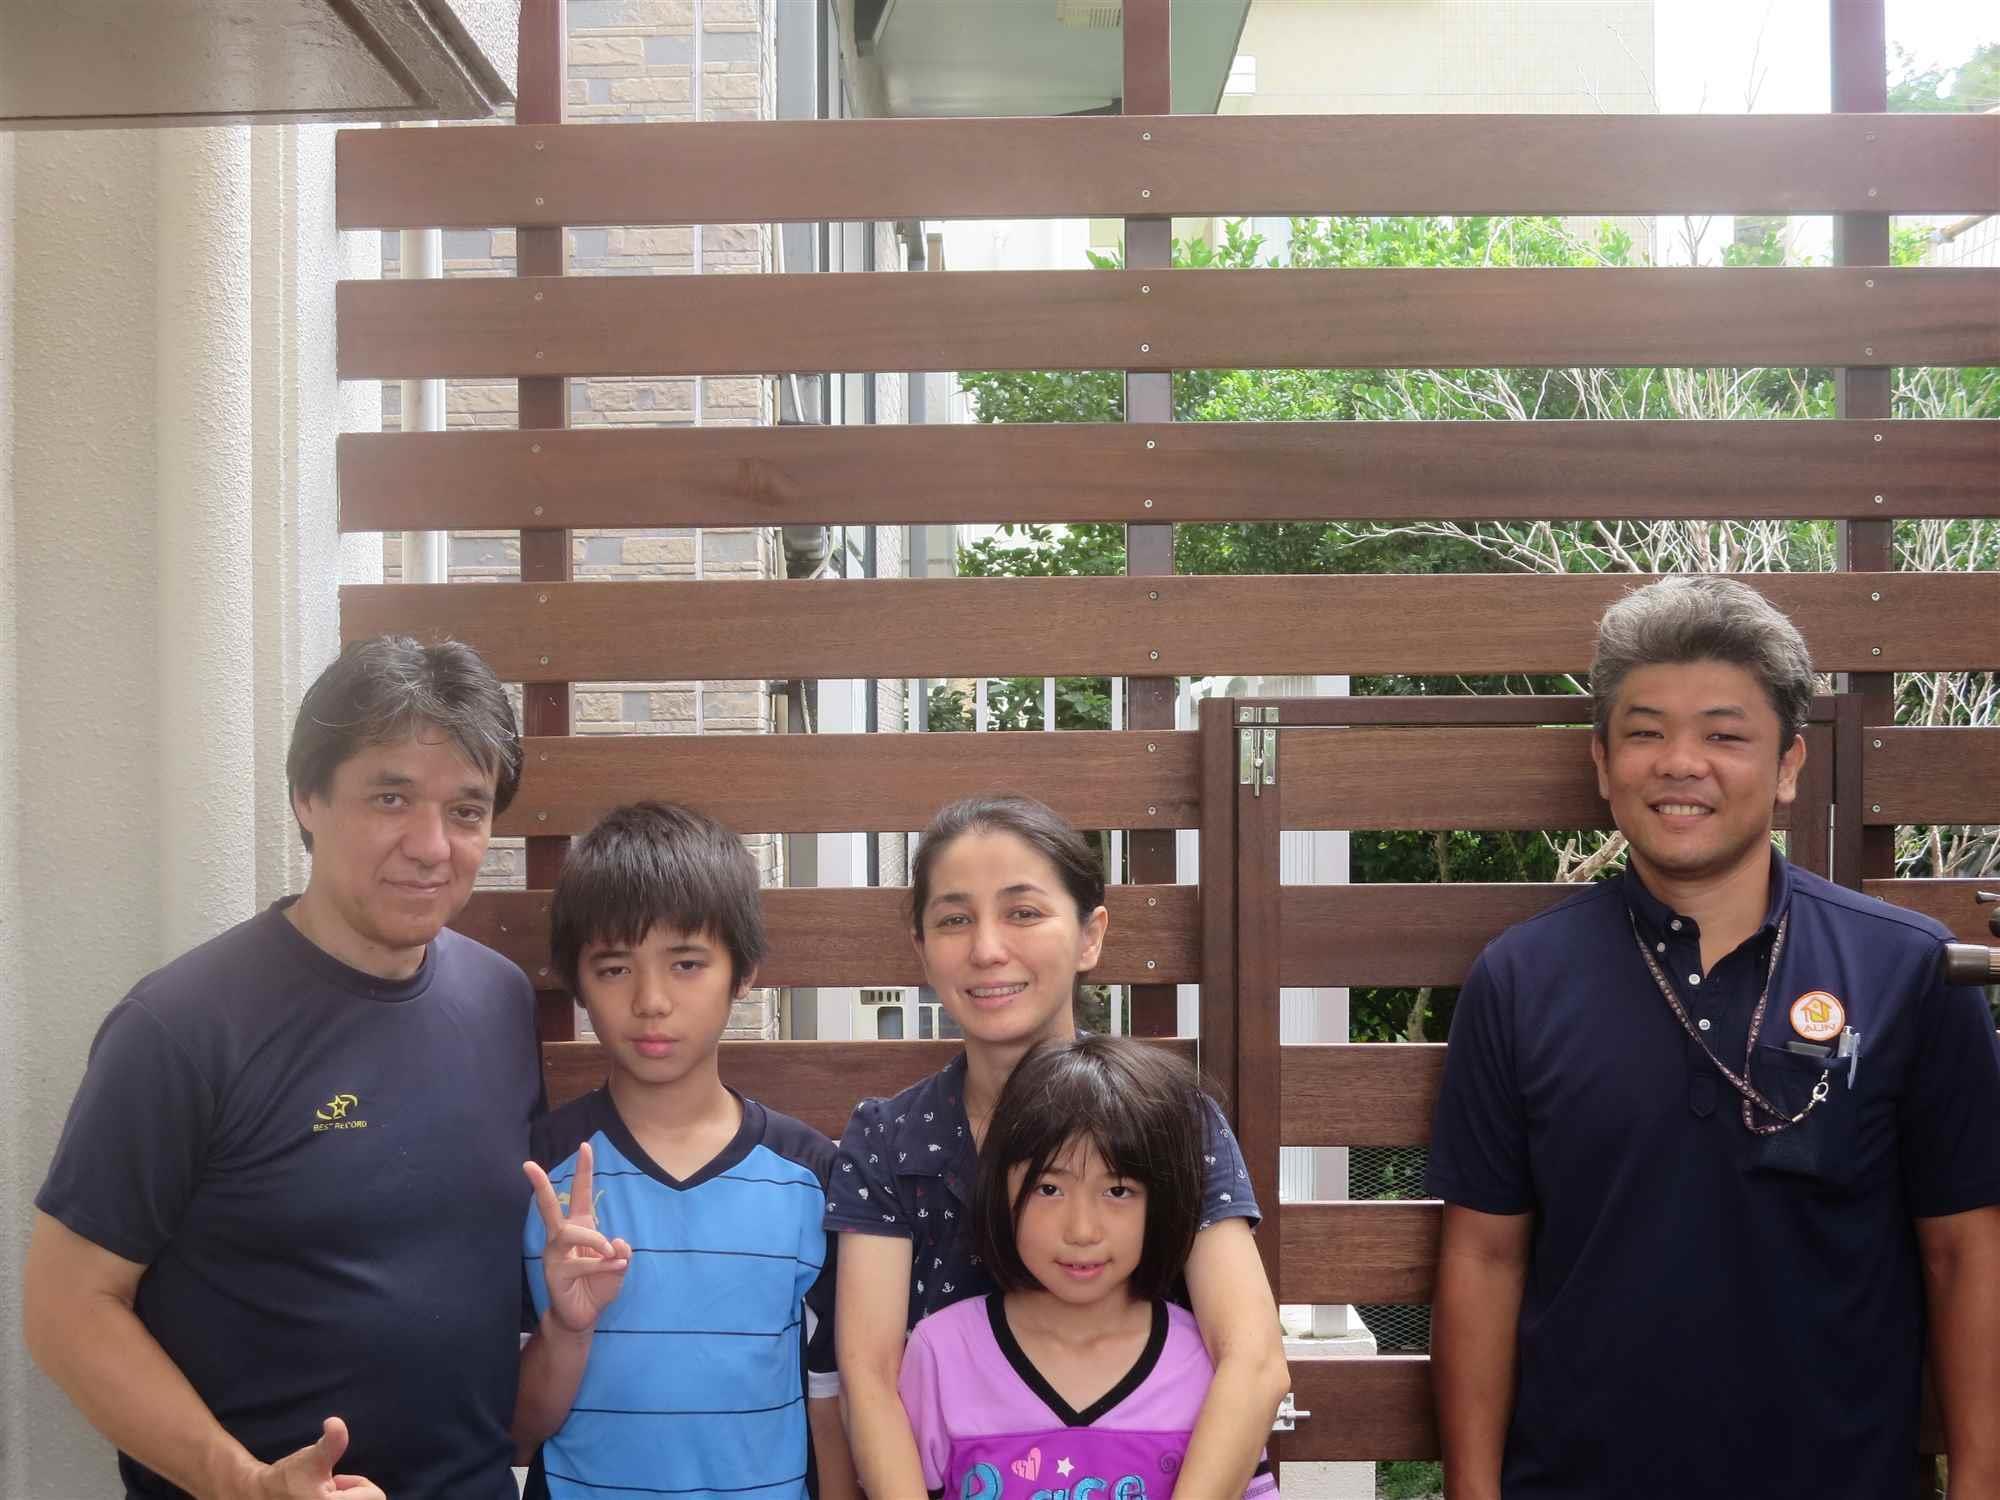 沖縄・那覇のリフォーム 実際のお客様の写真:2回目の依頼です。